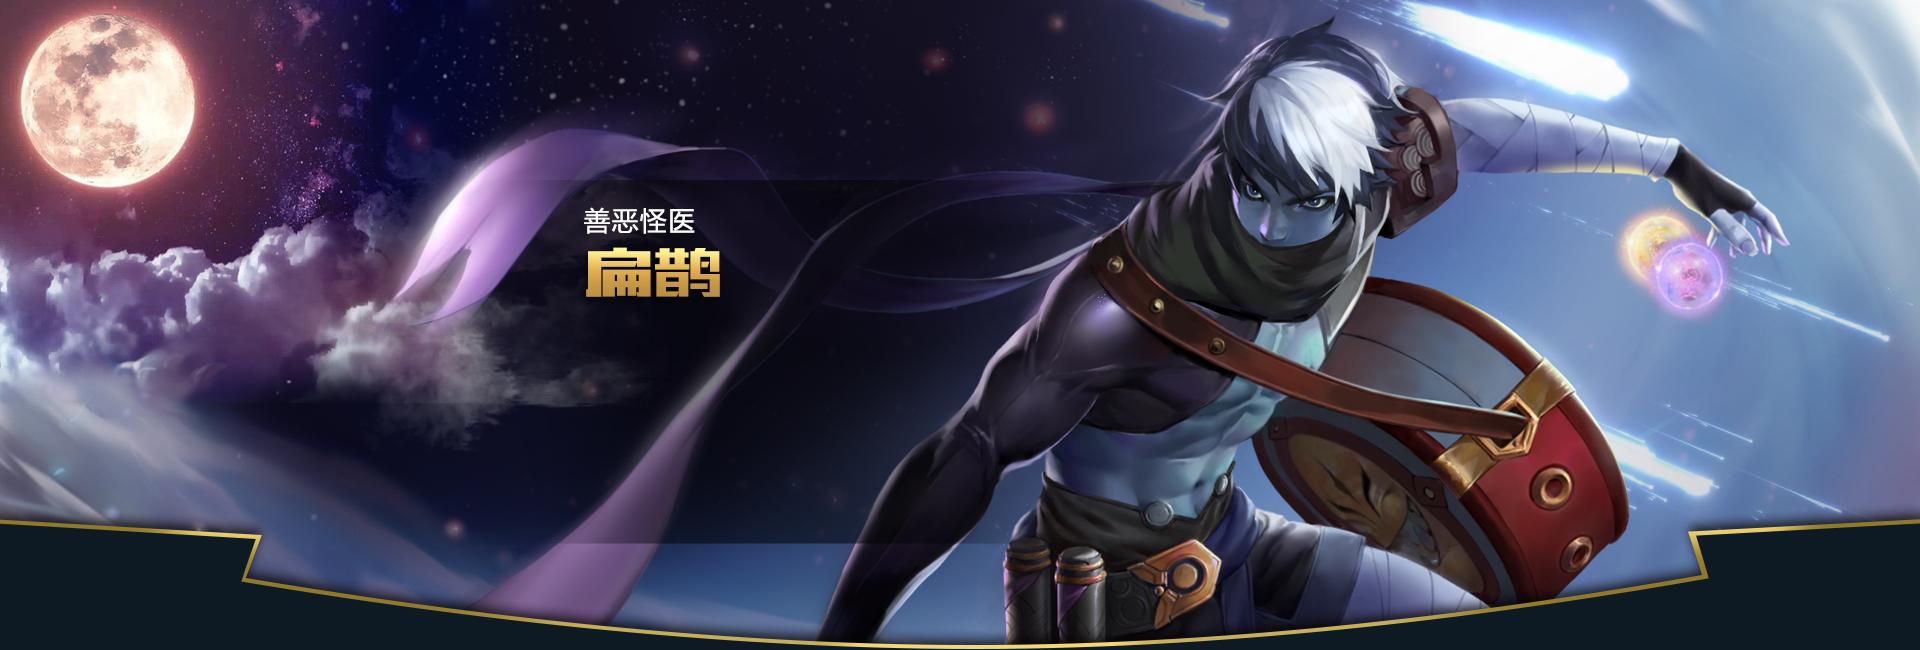 第2弹《王者荣耀英雄皮肤CG》竞技游戏81